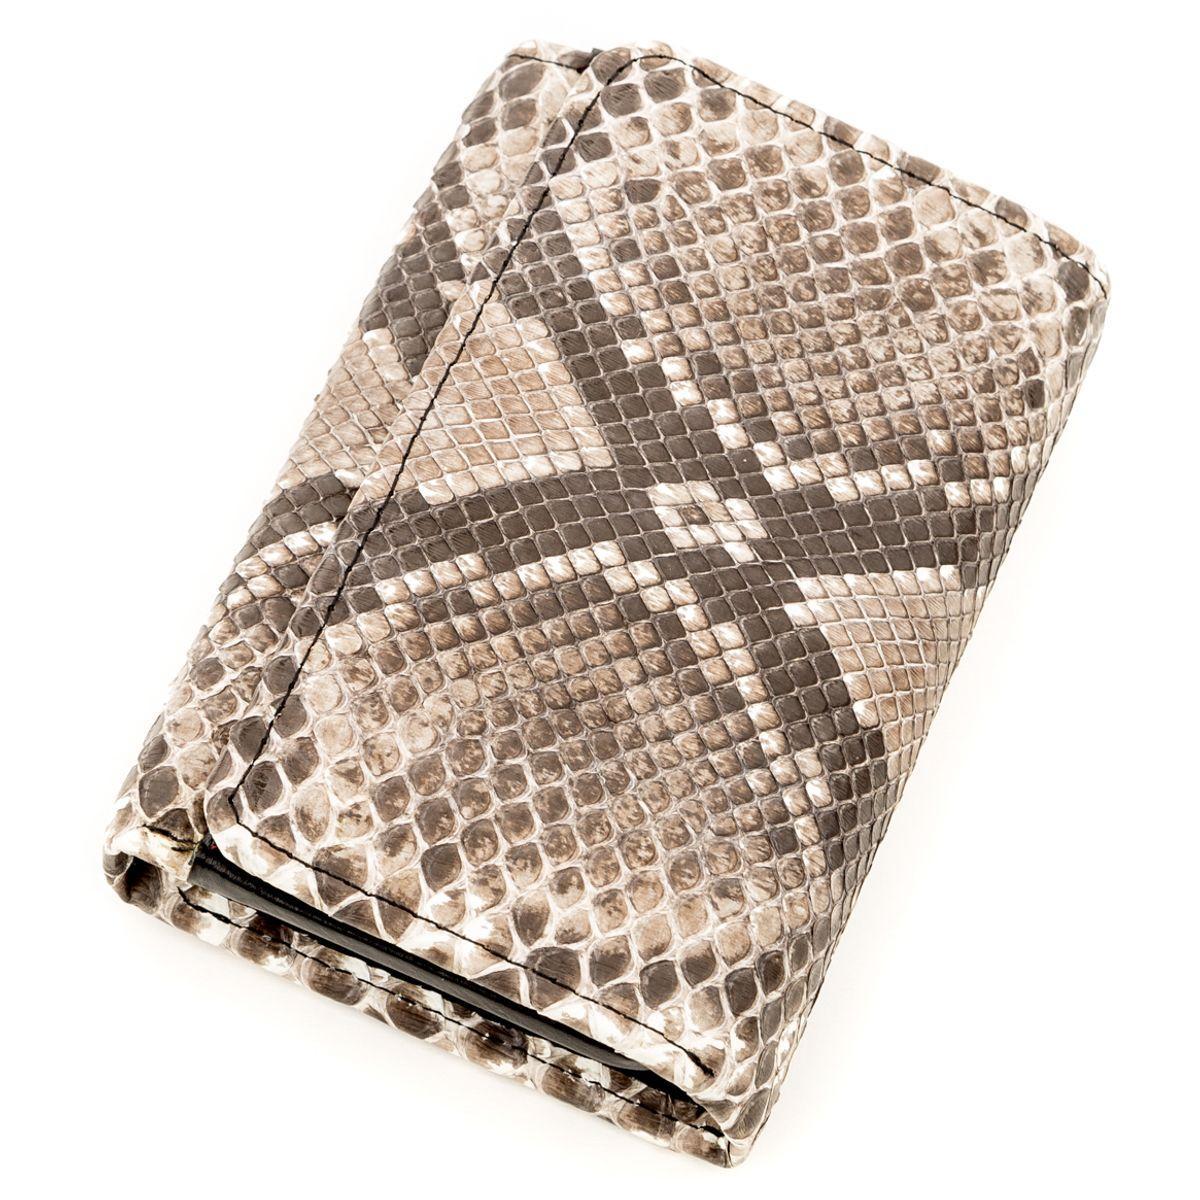 Вертикальный кошелек SNAKE LEATHER 18295 из натуральной кожи морского питона Серый, Серый